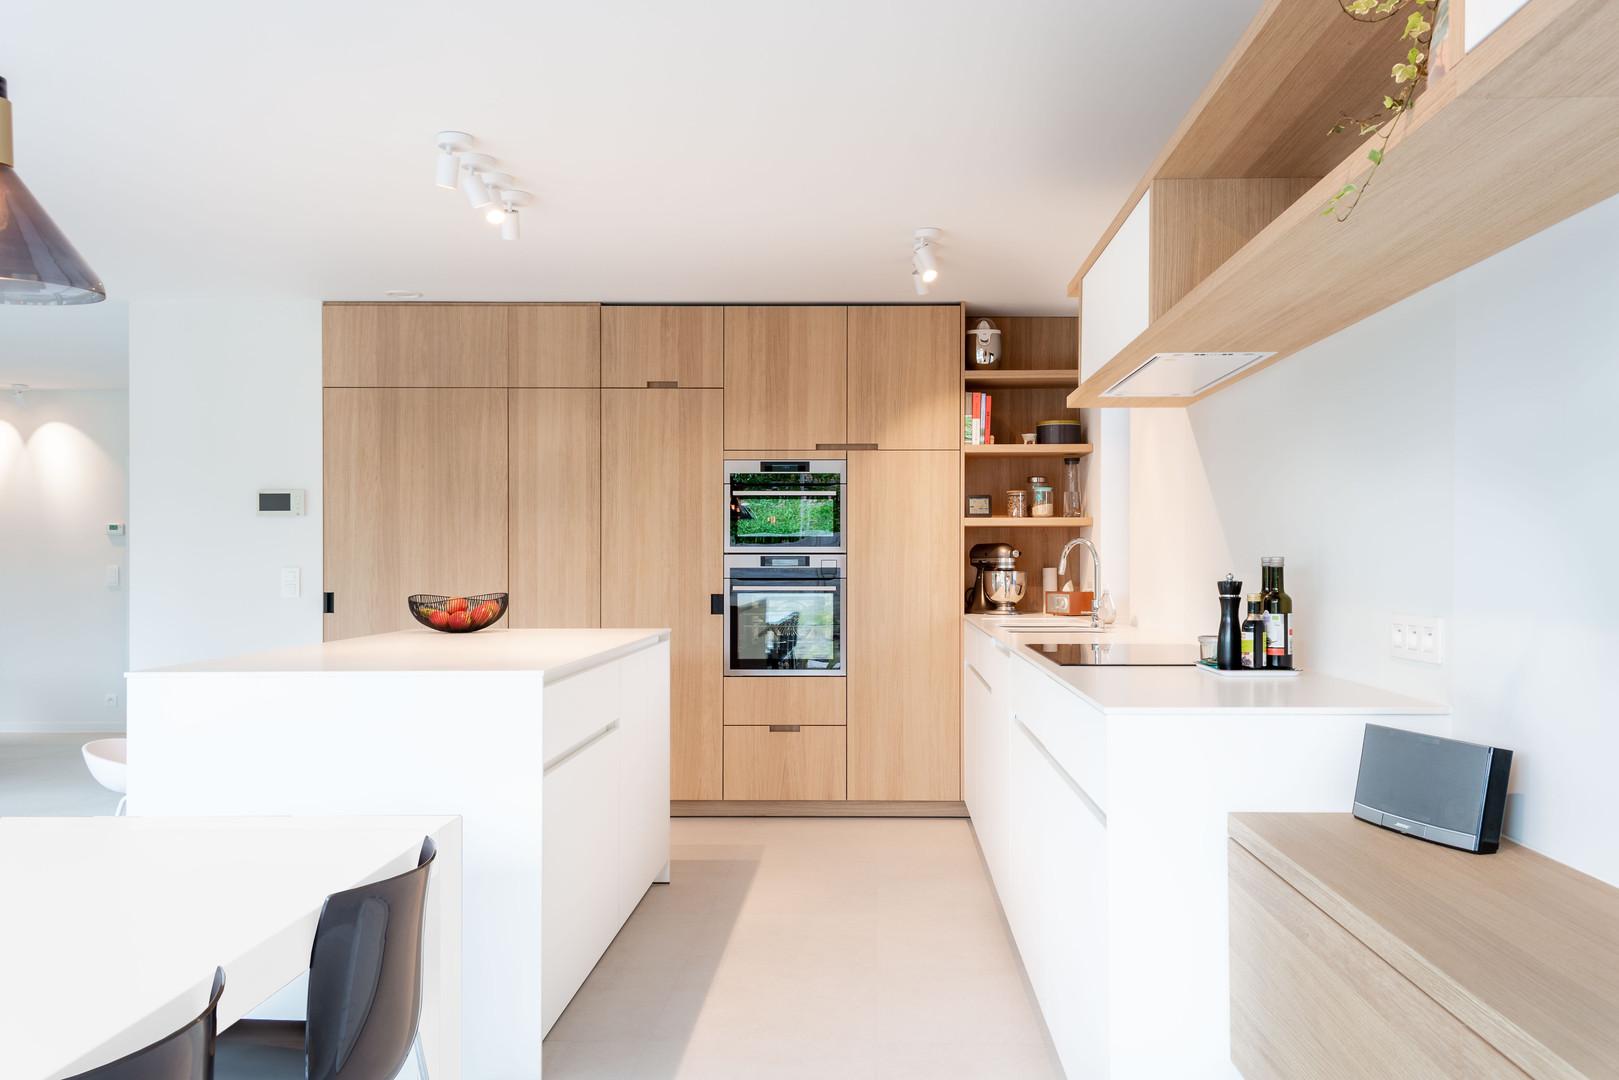 keuken-inrichting.jpg